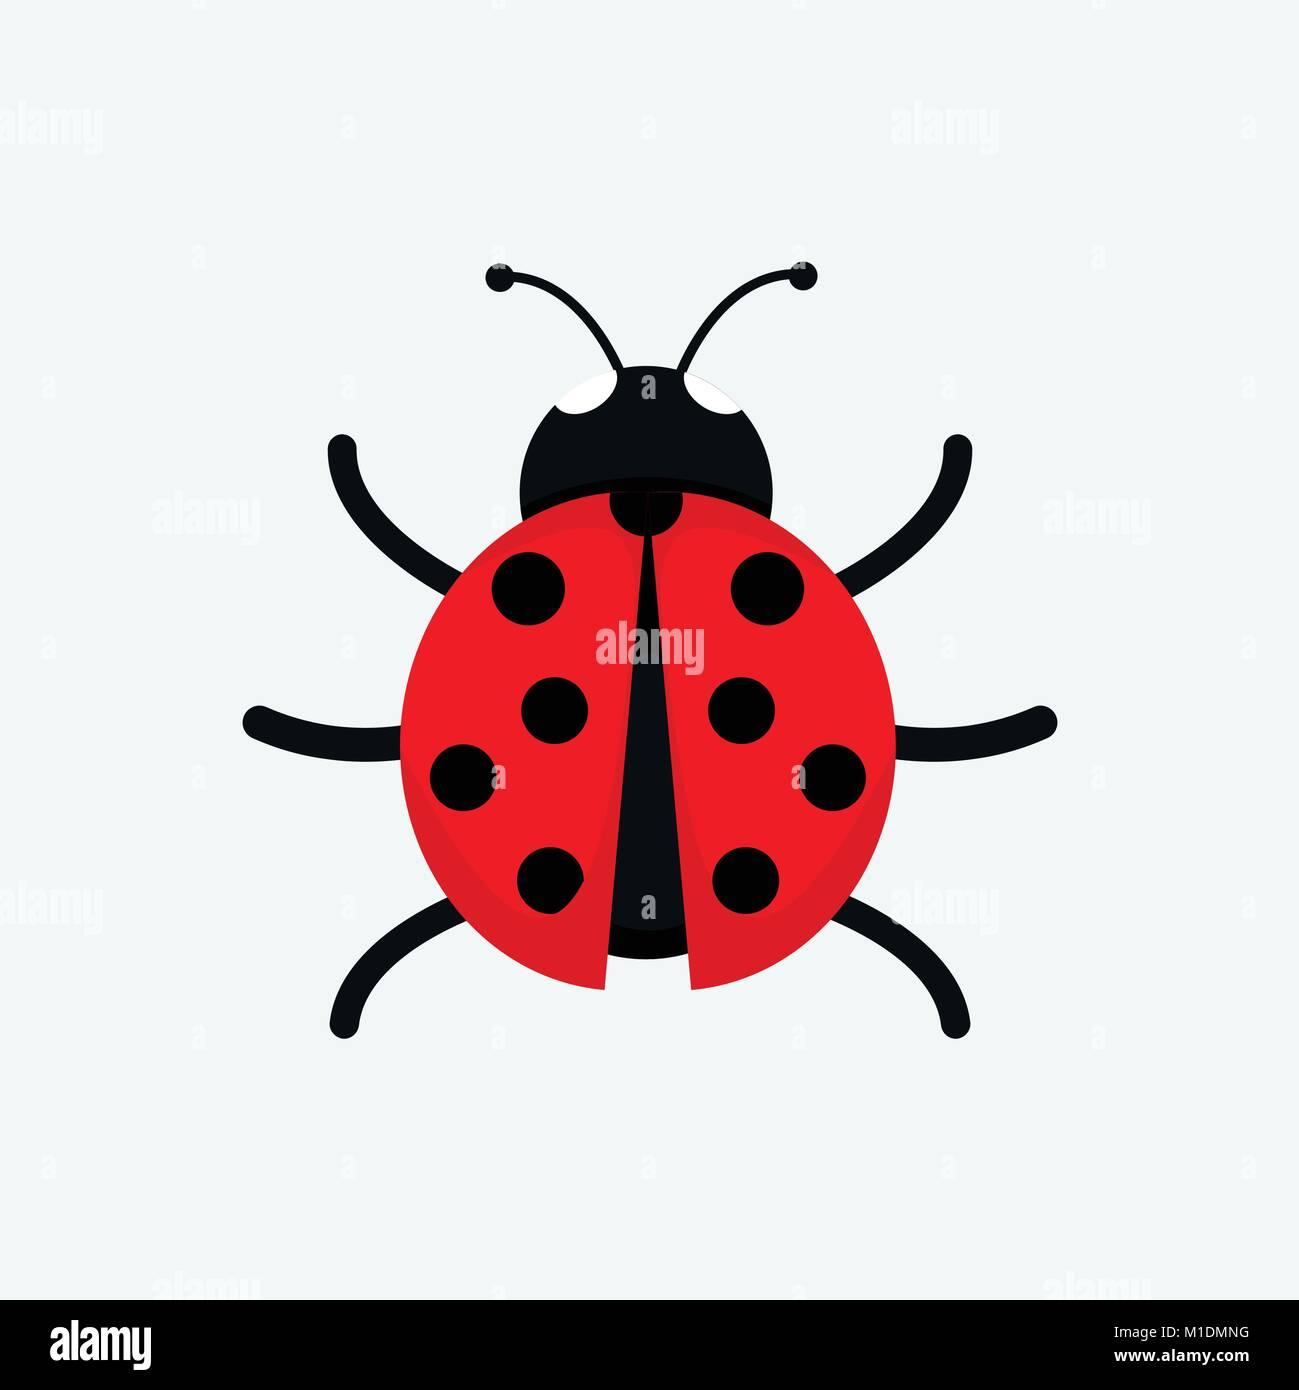 Carino Coccinella Disegno Vettoriale Illustrazione Graphic Design